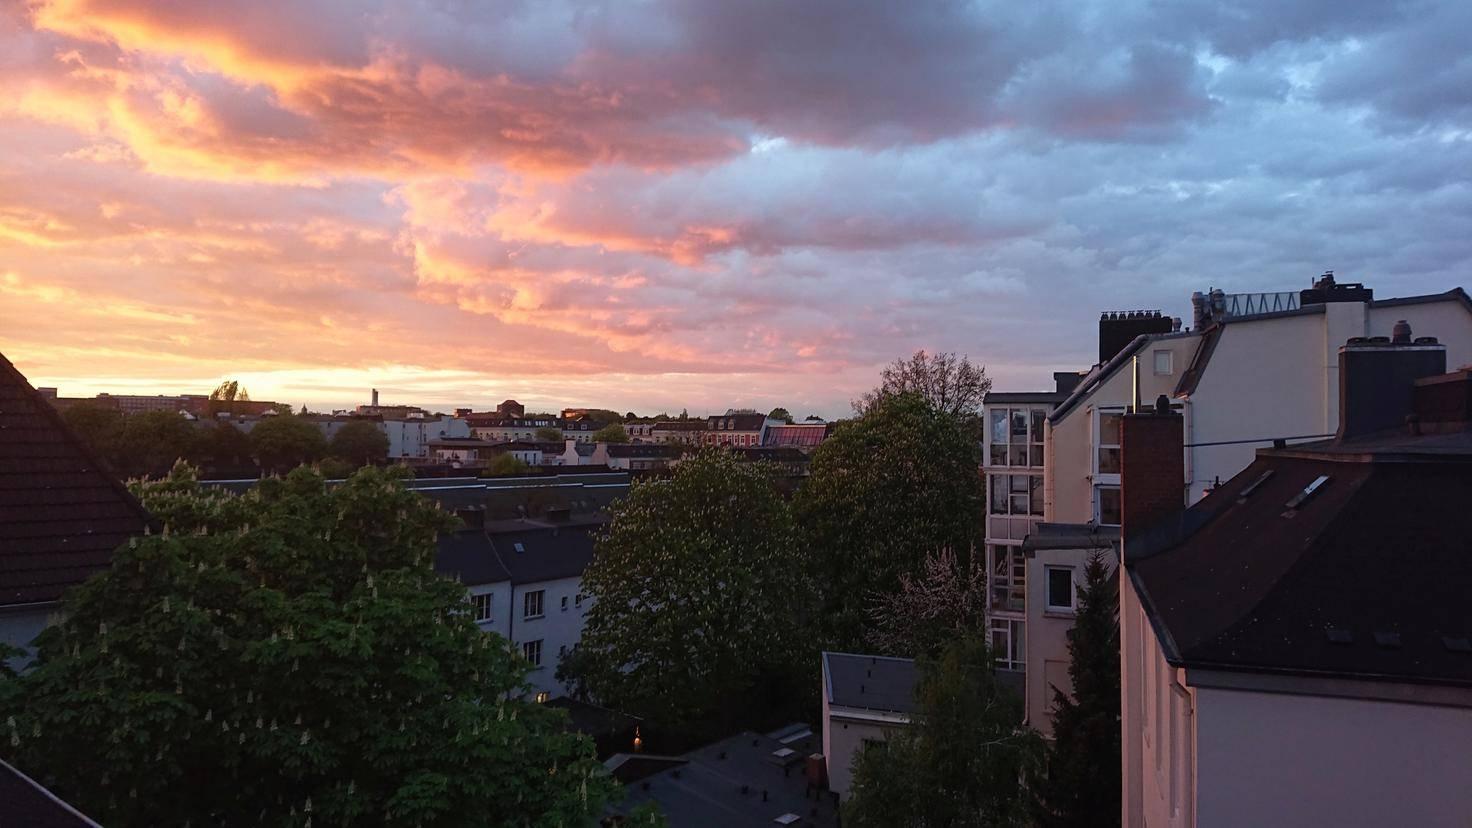 Auch bei Sonnenuntergang gelingen noch ansprechende Aufnahmen.